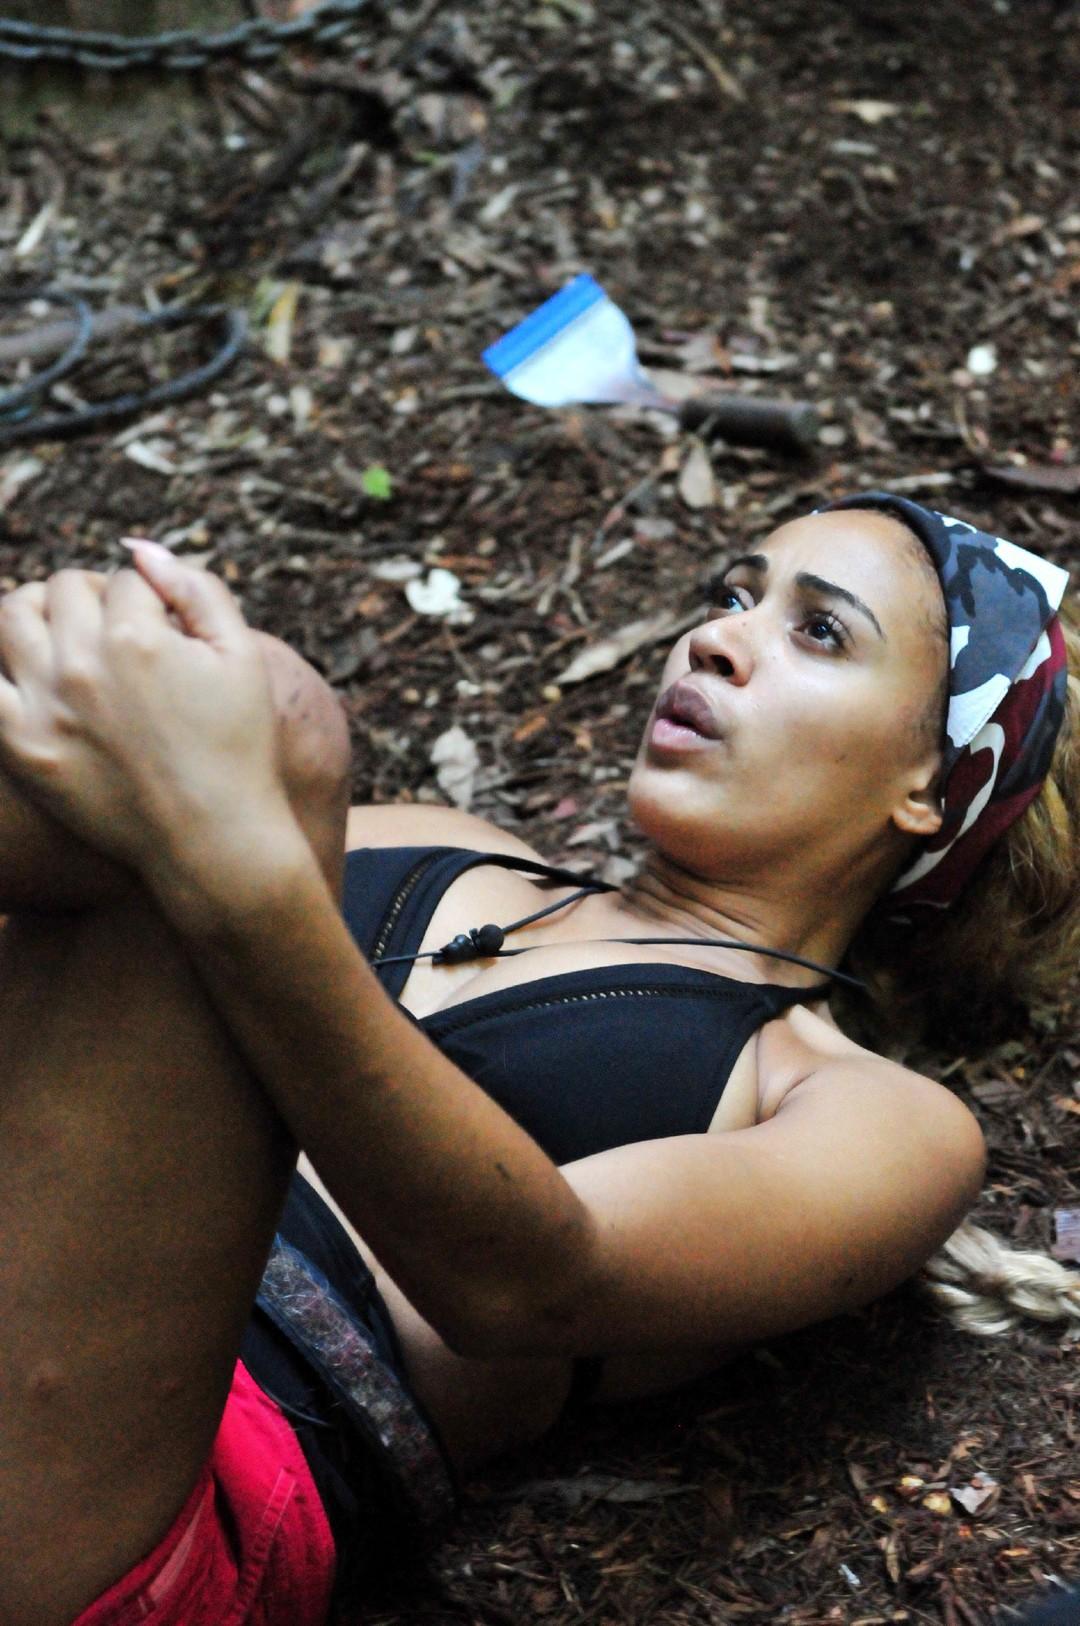 Dschungelcamp 2017 - Tag 5 - Schlangebiss bei Kader Loth - Bild 29 von 49